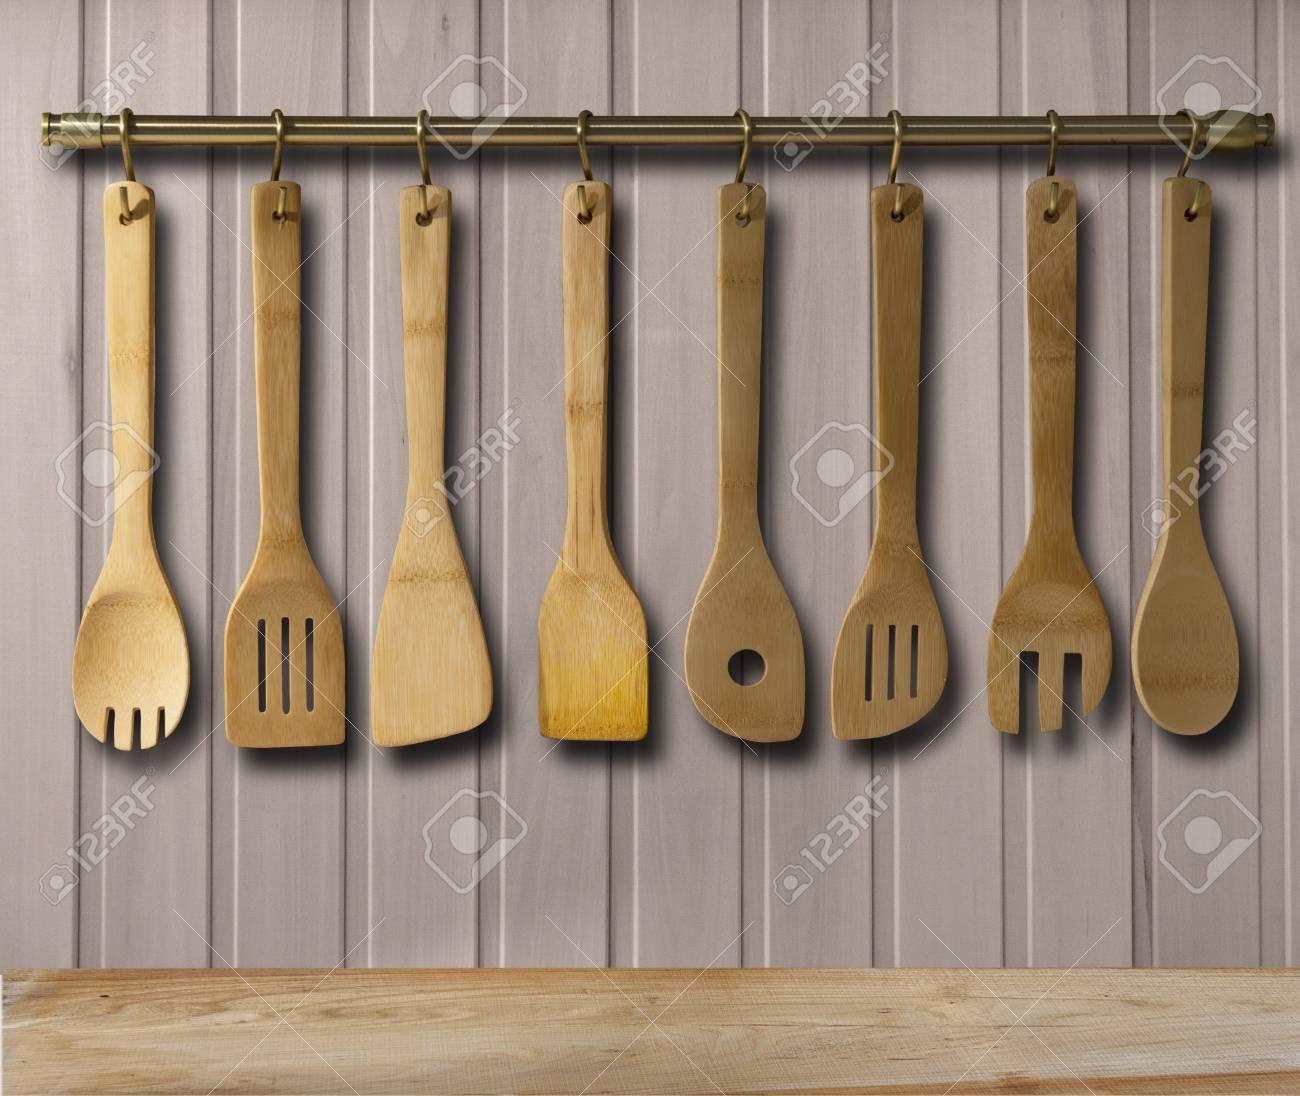 Küche Messingutensilien, Koch-Zubehör. Hängende Kupfer Küche Mit ...